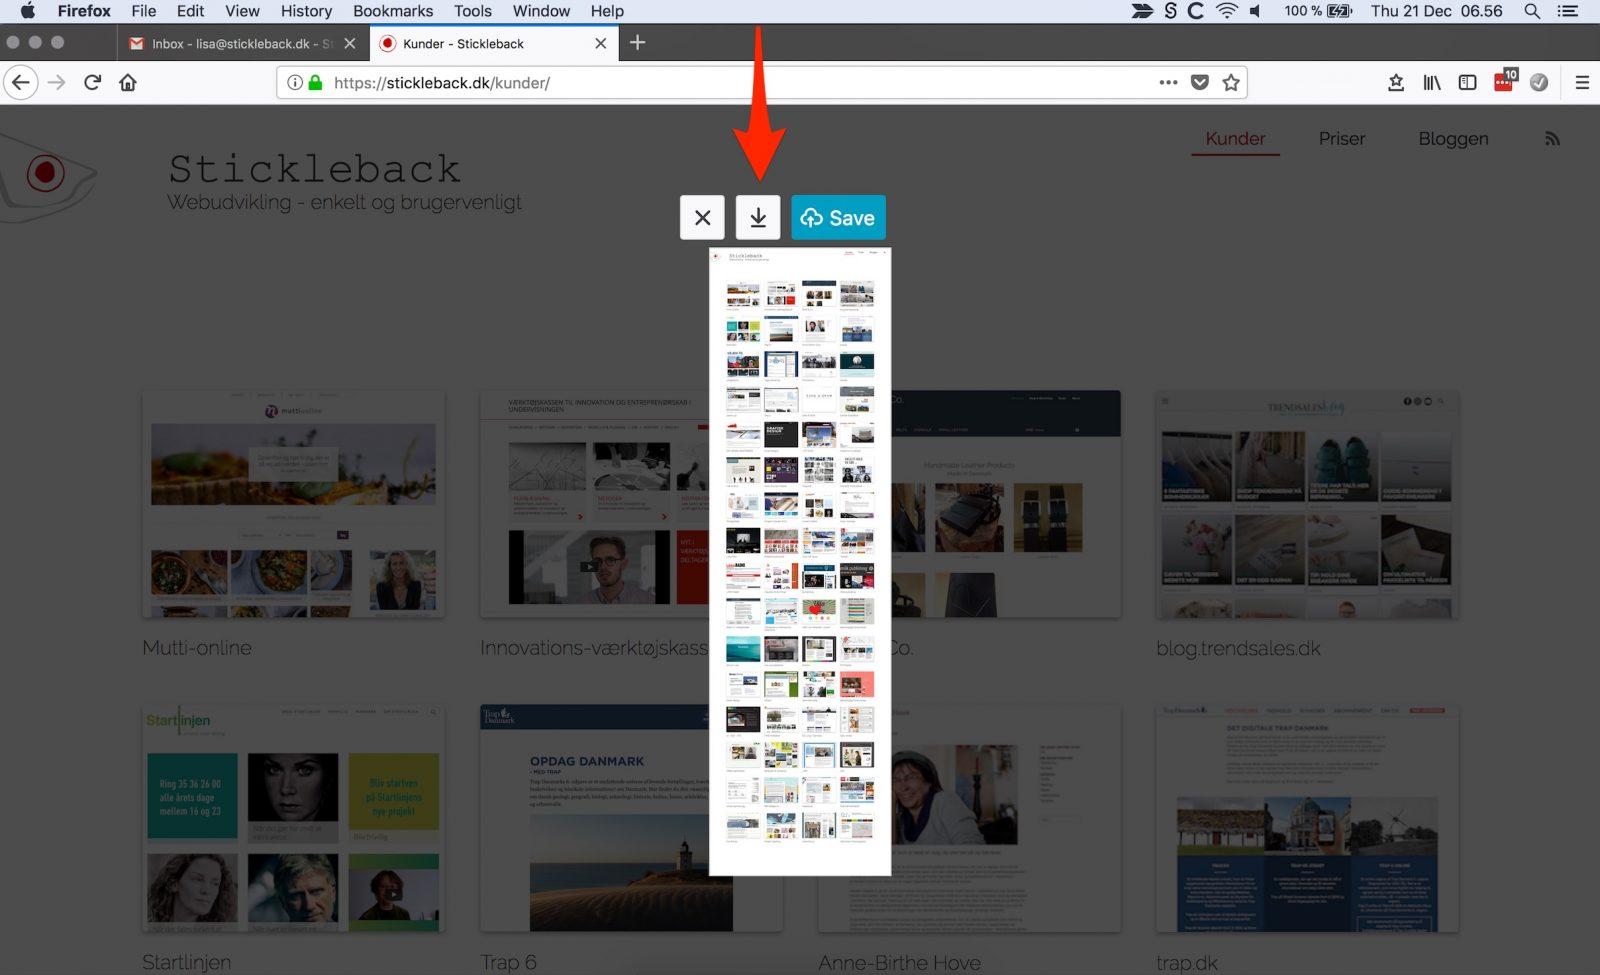 Firefox: download screenshot.